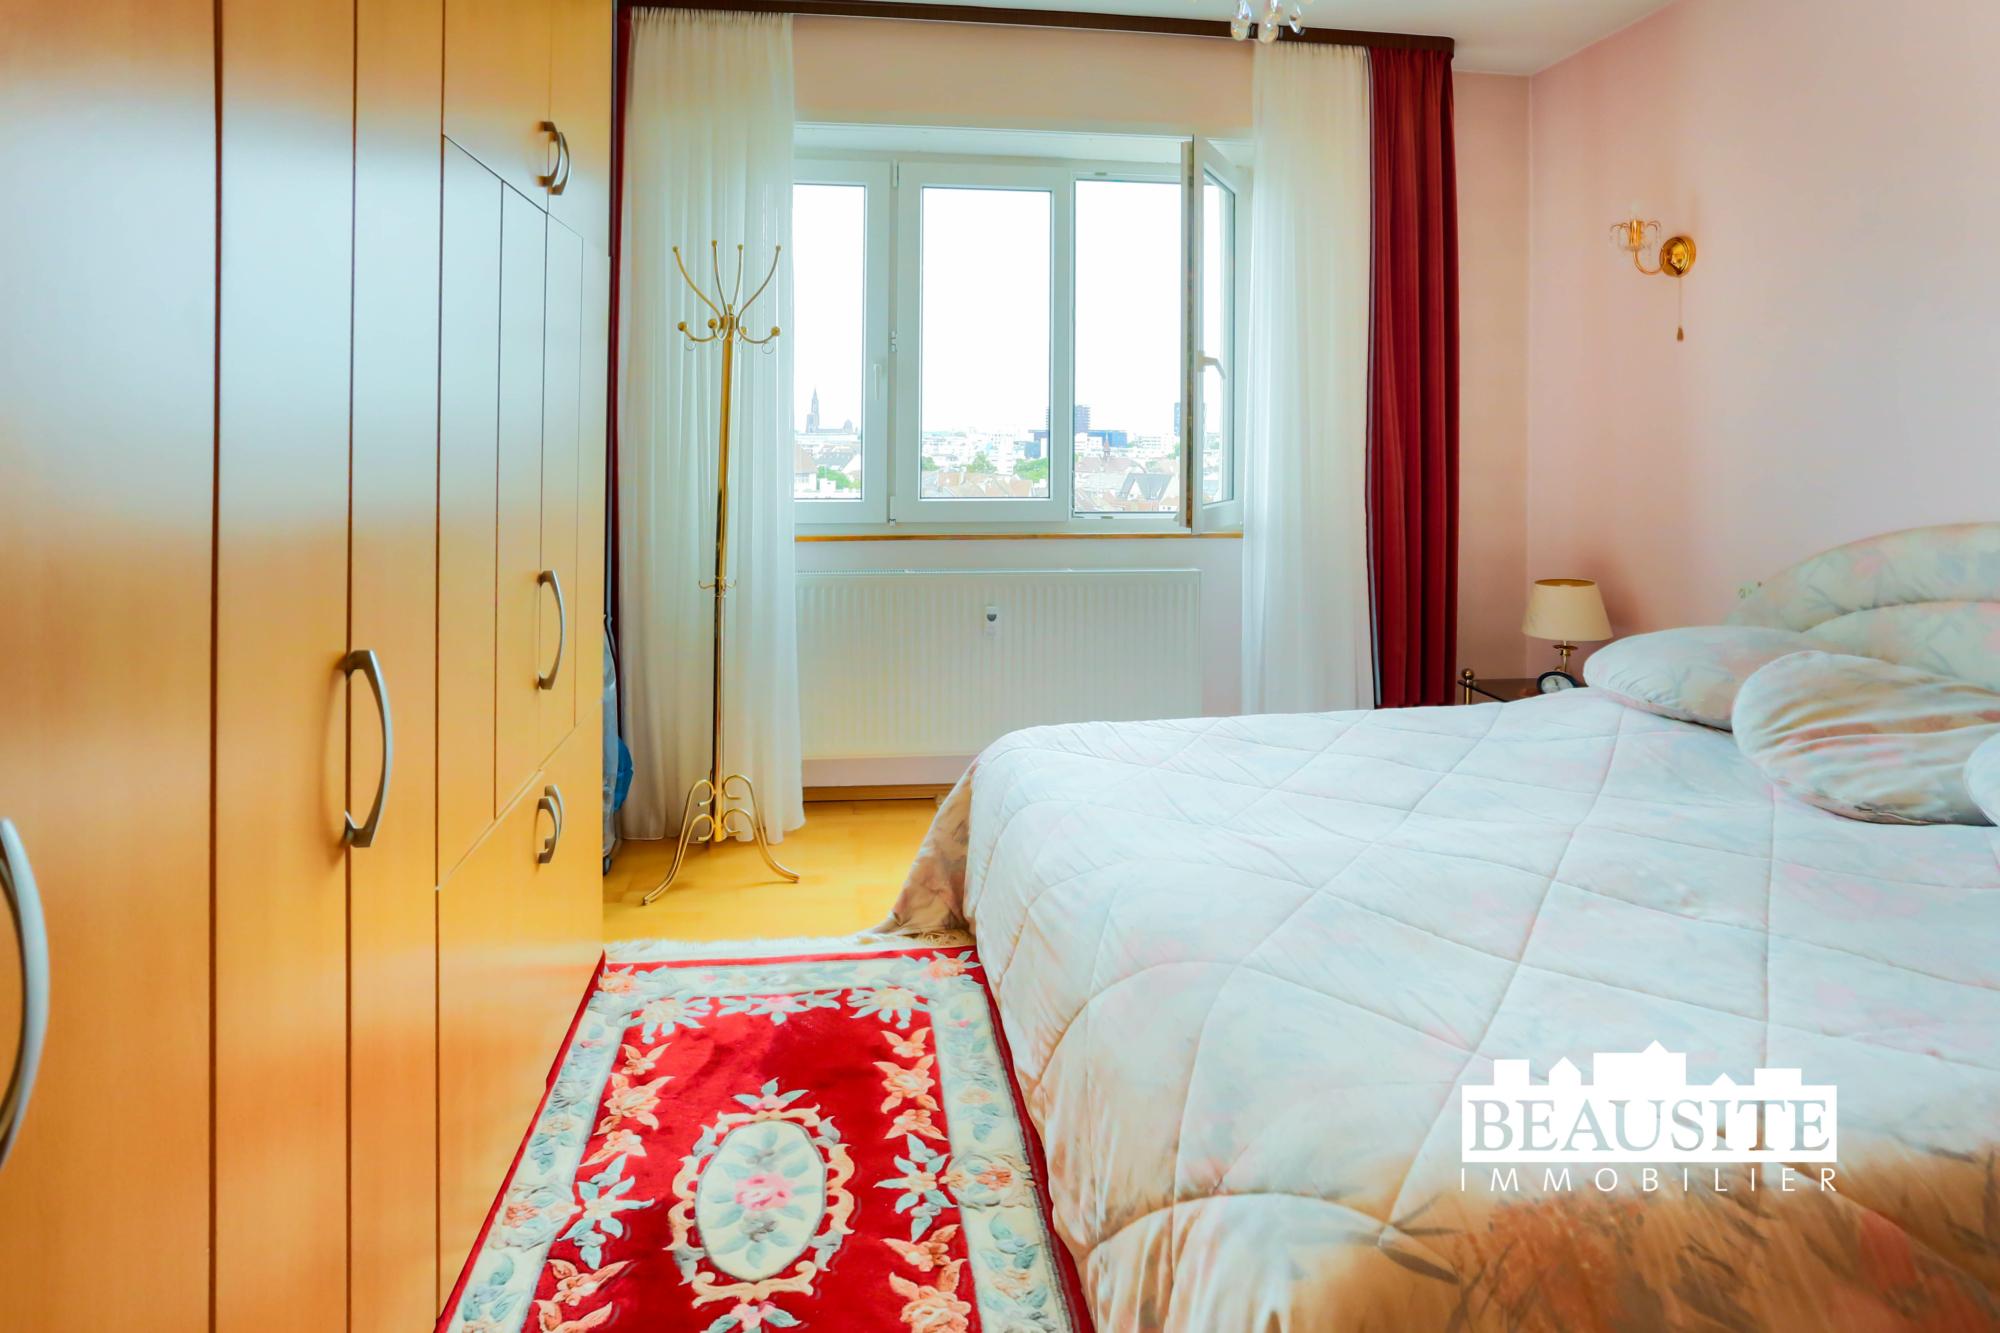 [Zénith] Spacieux 2 pièces au dernier étage - Neudorf / près de l'Avenue Jean Jaurès - nos ventes - Beausite Immobilier 7